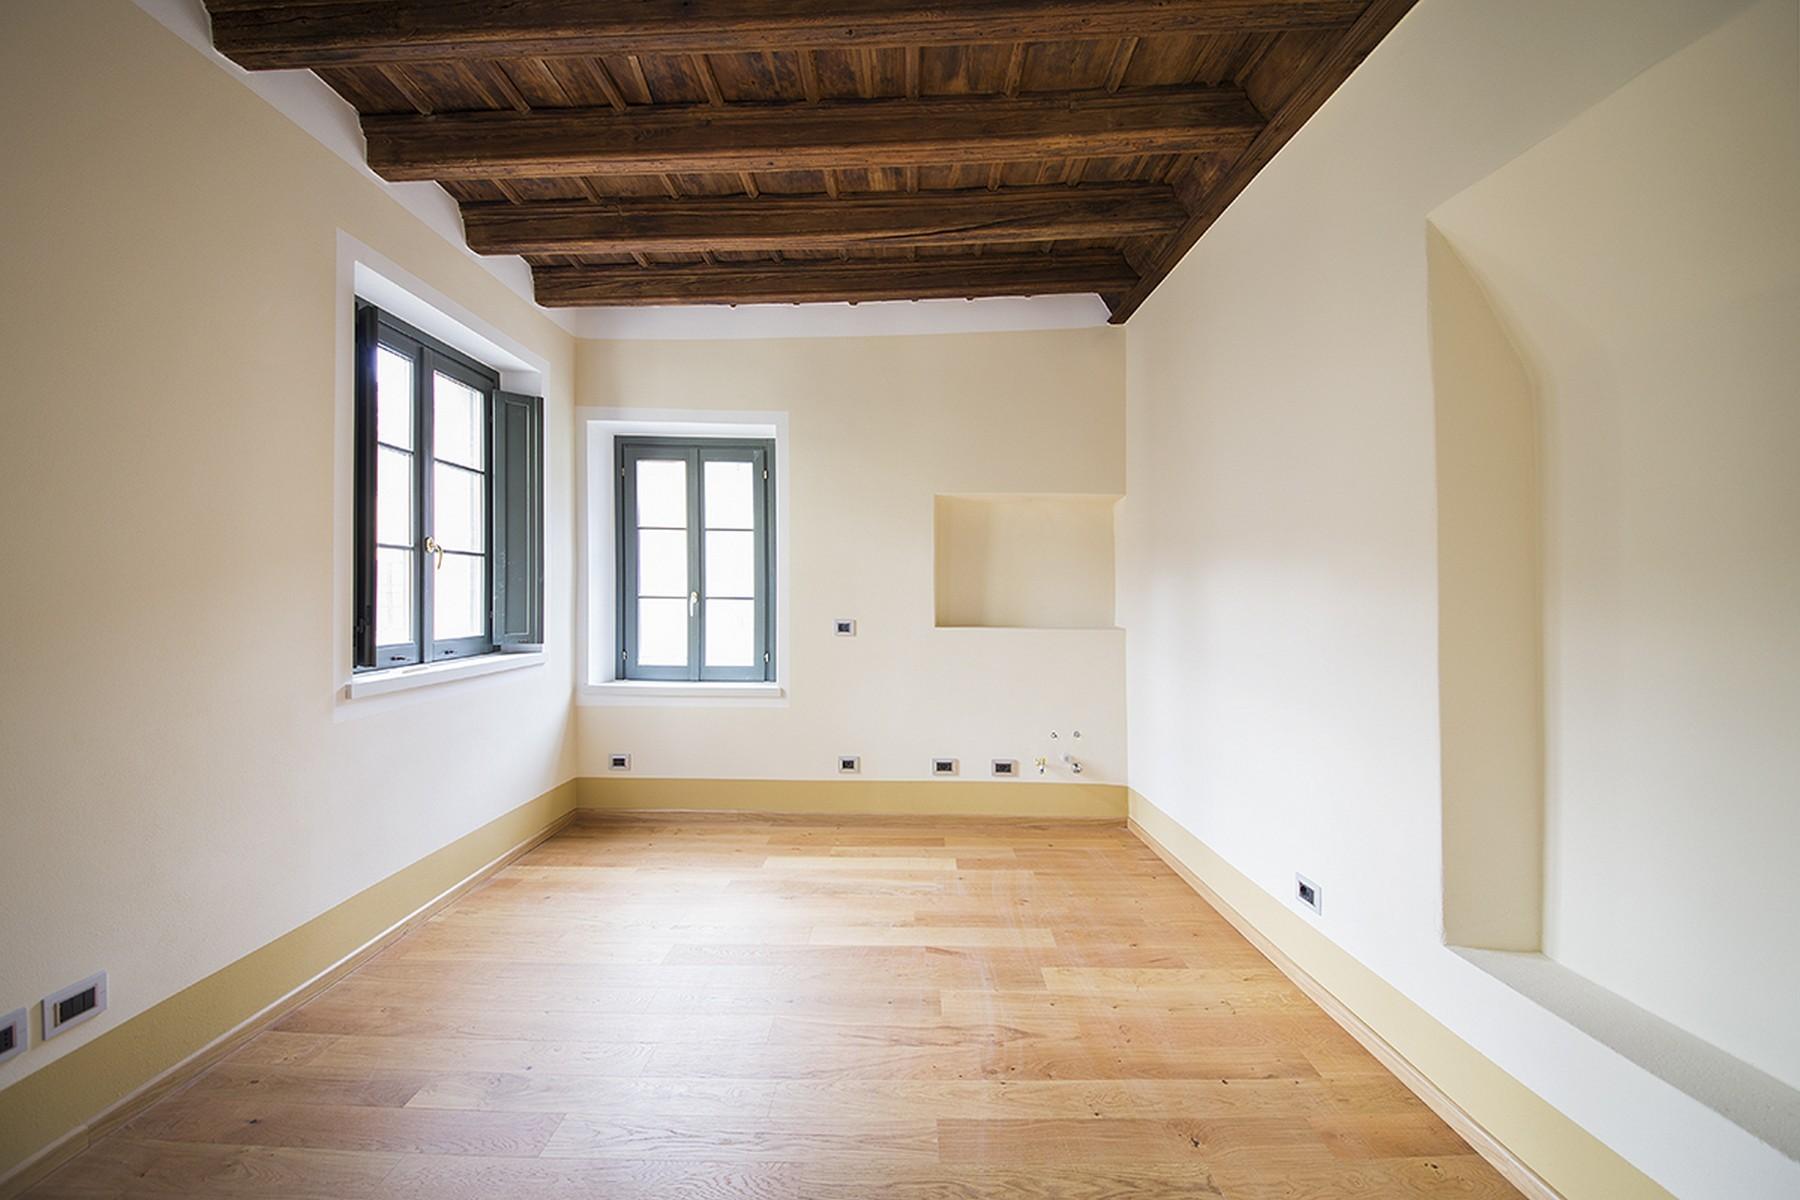 Casa indipendente in Vendita a Como: 3 locali, 82 mq - Foto 9